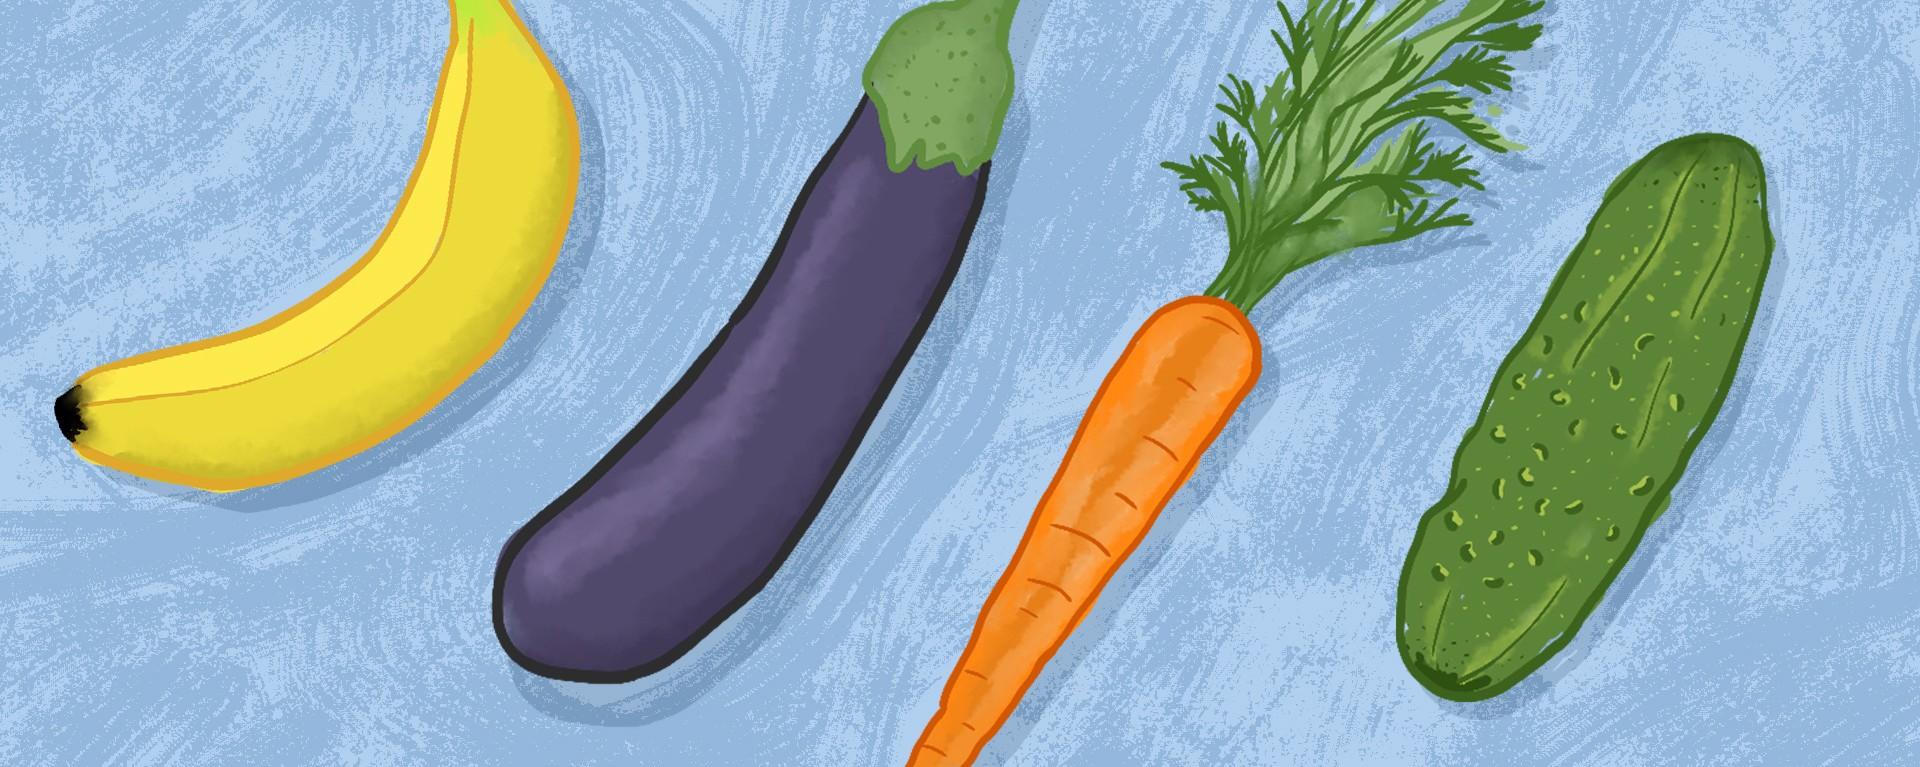 penis în formă de morcov)